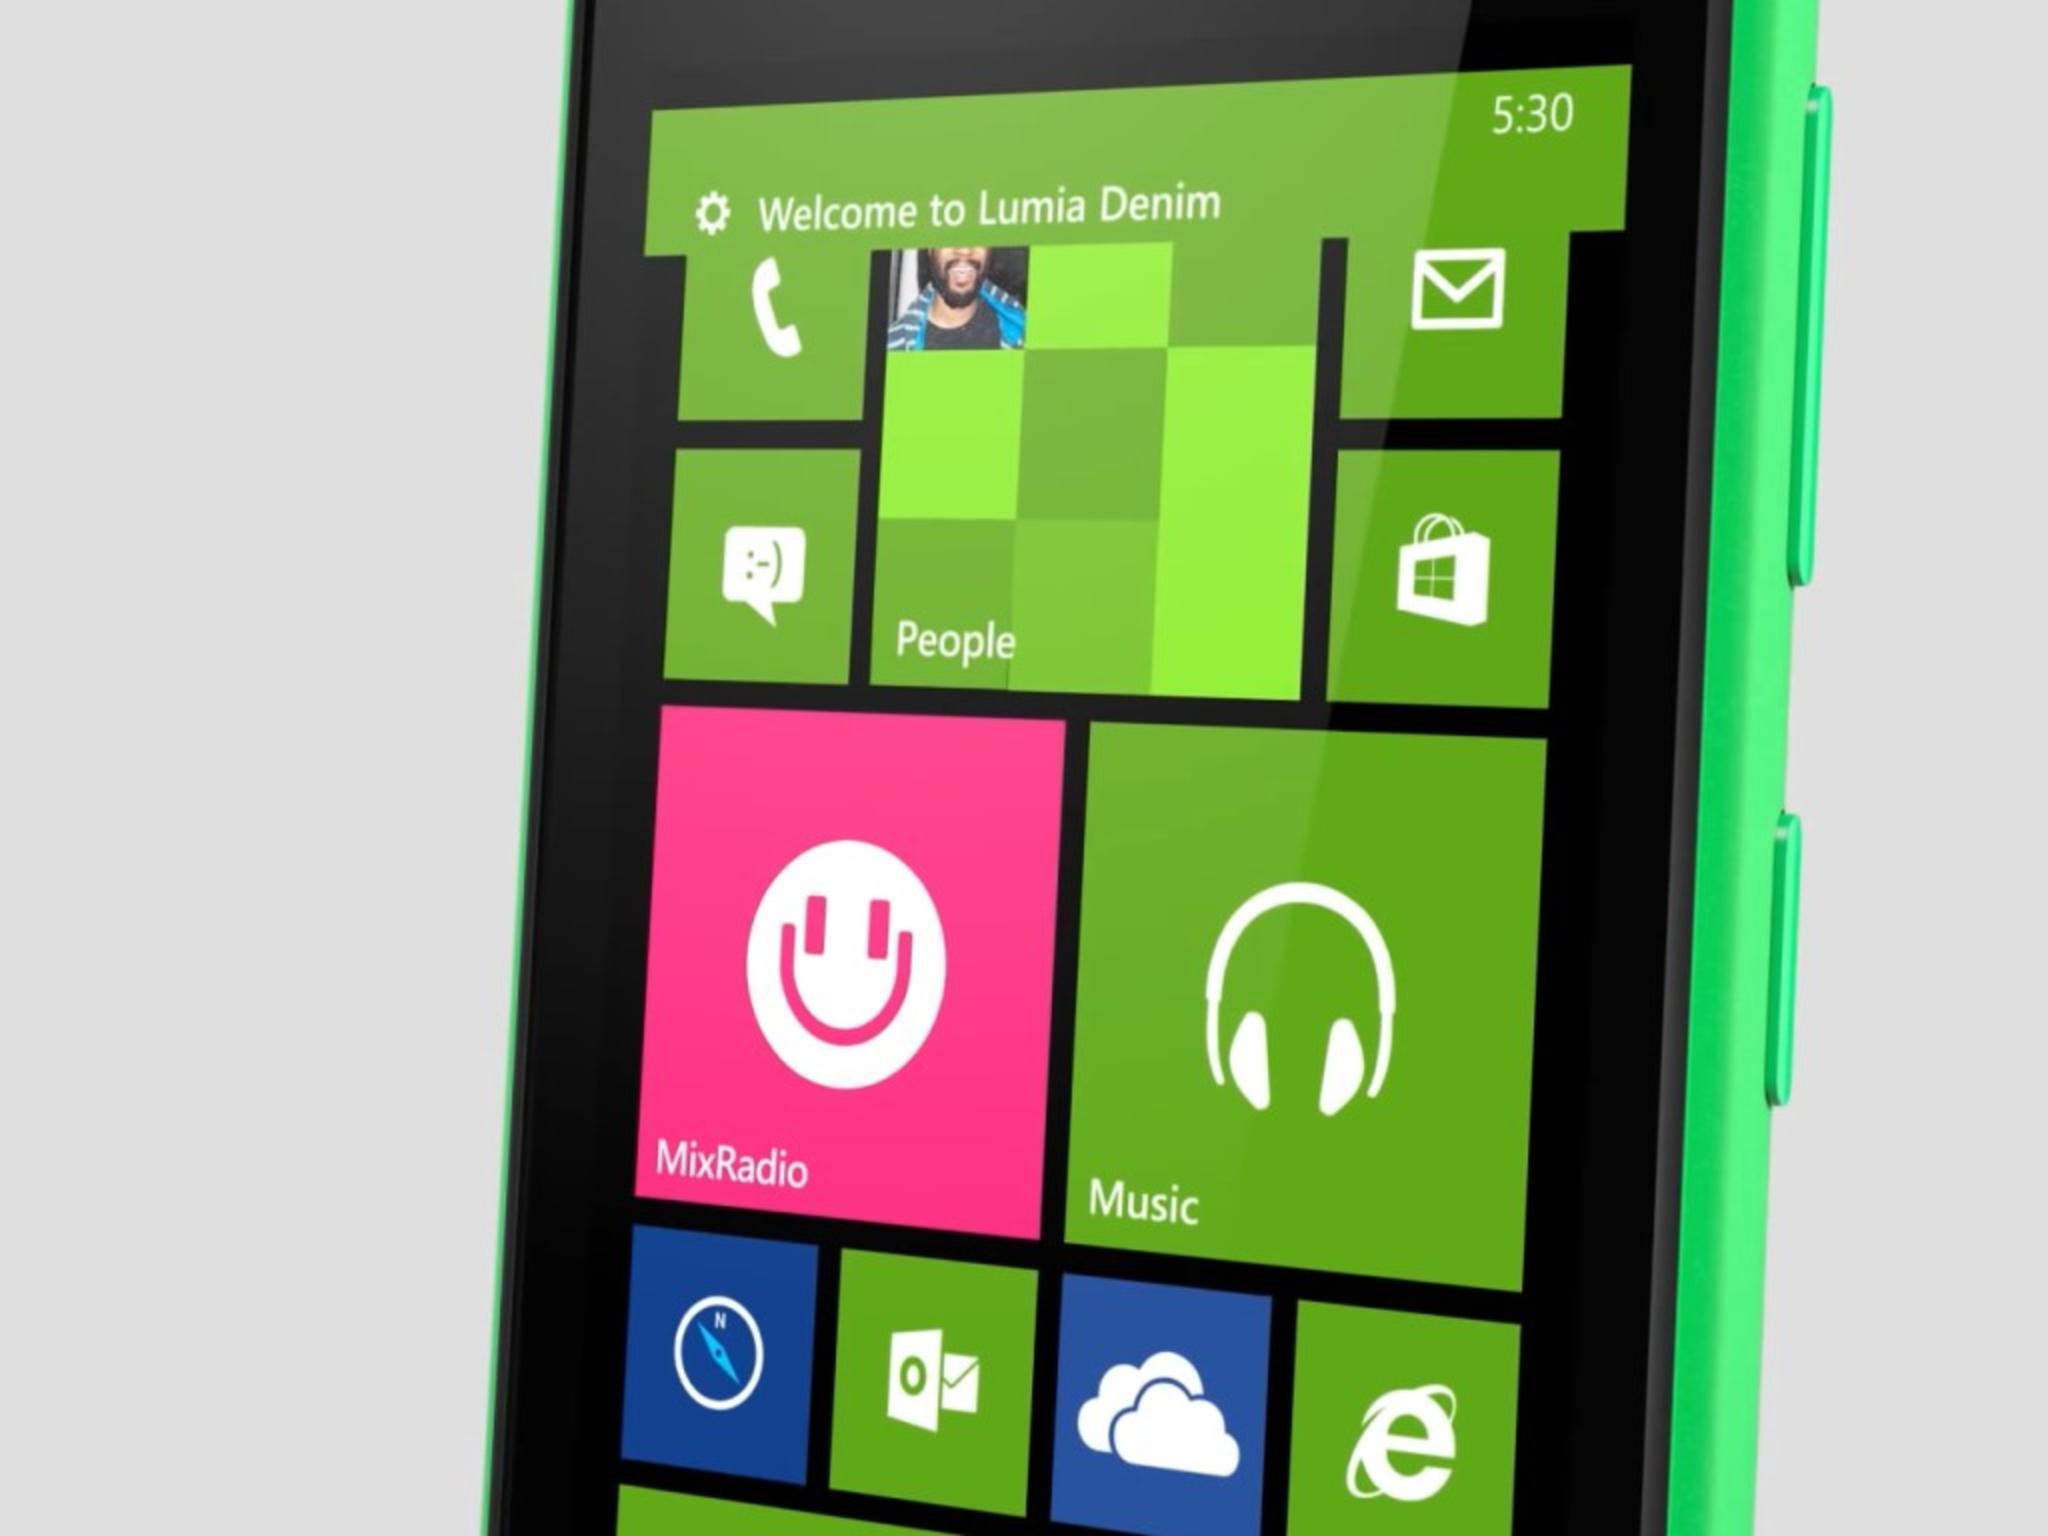 Microsoft Lumia Denim Update